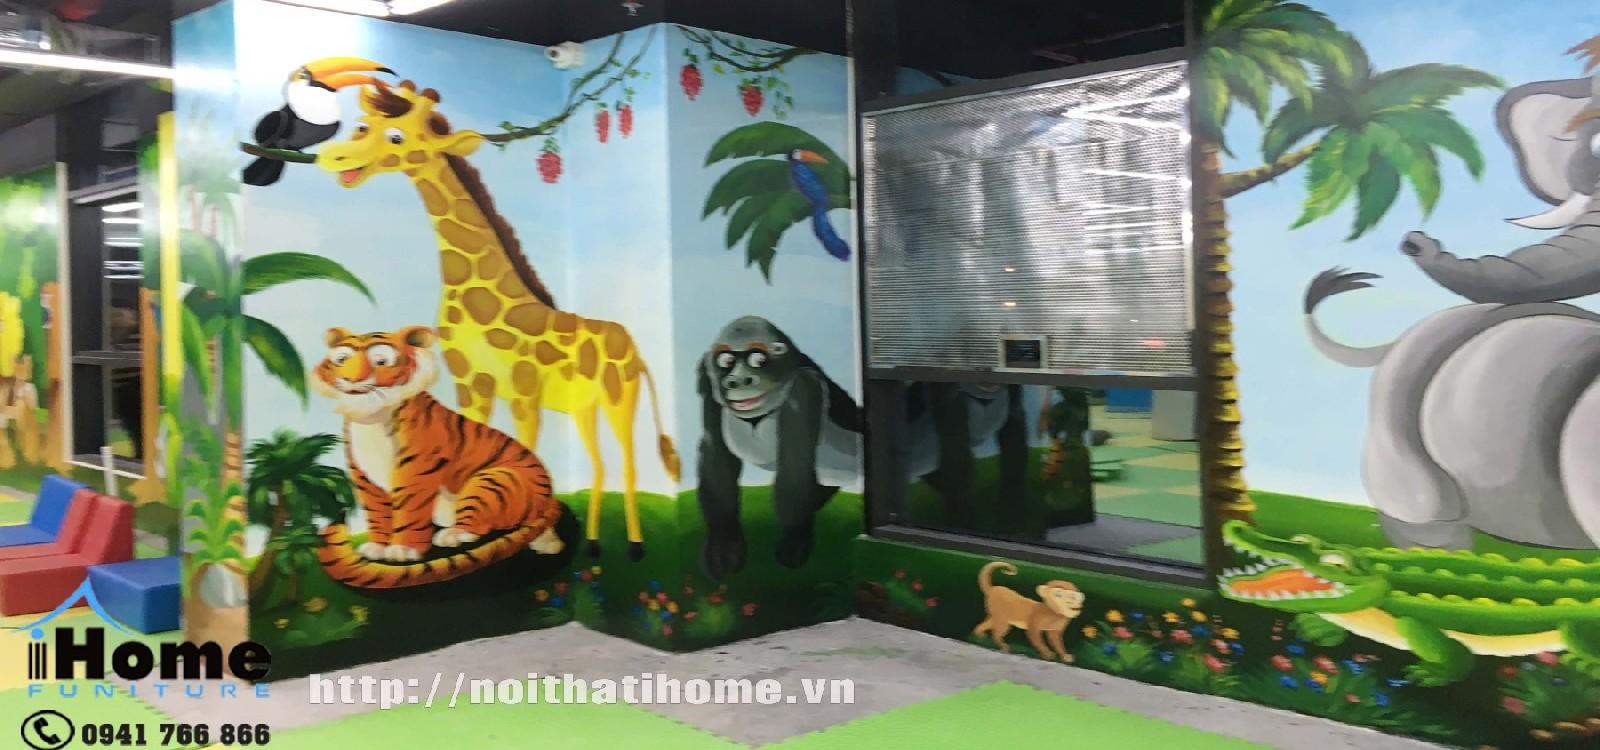 hình ảnh Khu Vui Chơi Tiền Phong - 286 Trần Nguyên Hãn, Toà Nhà Bạch Đằng Hải Phòng